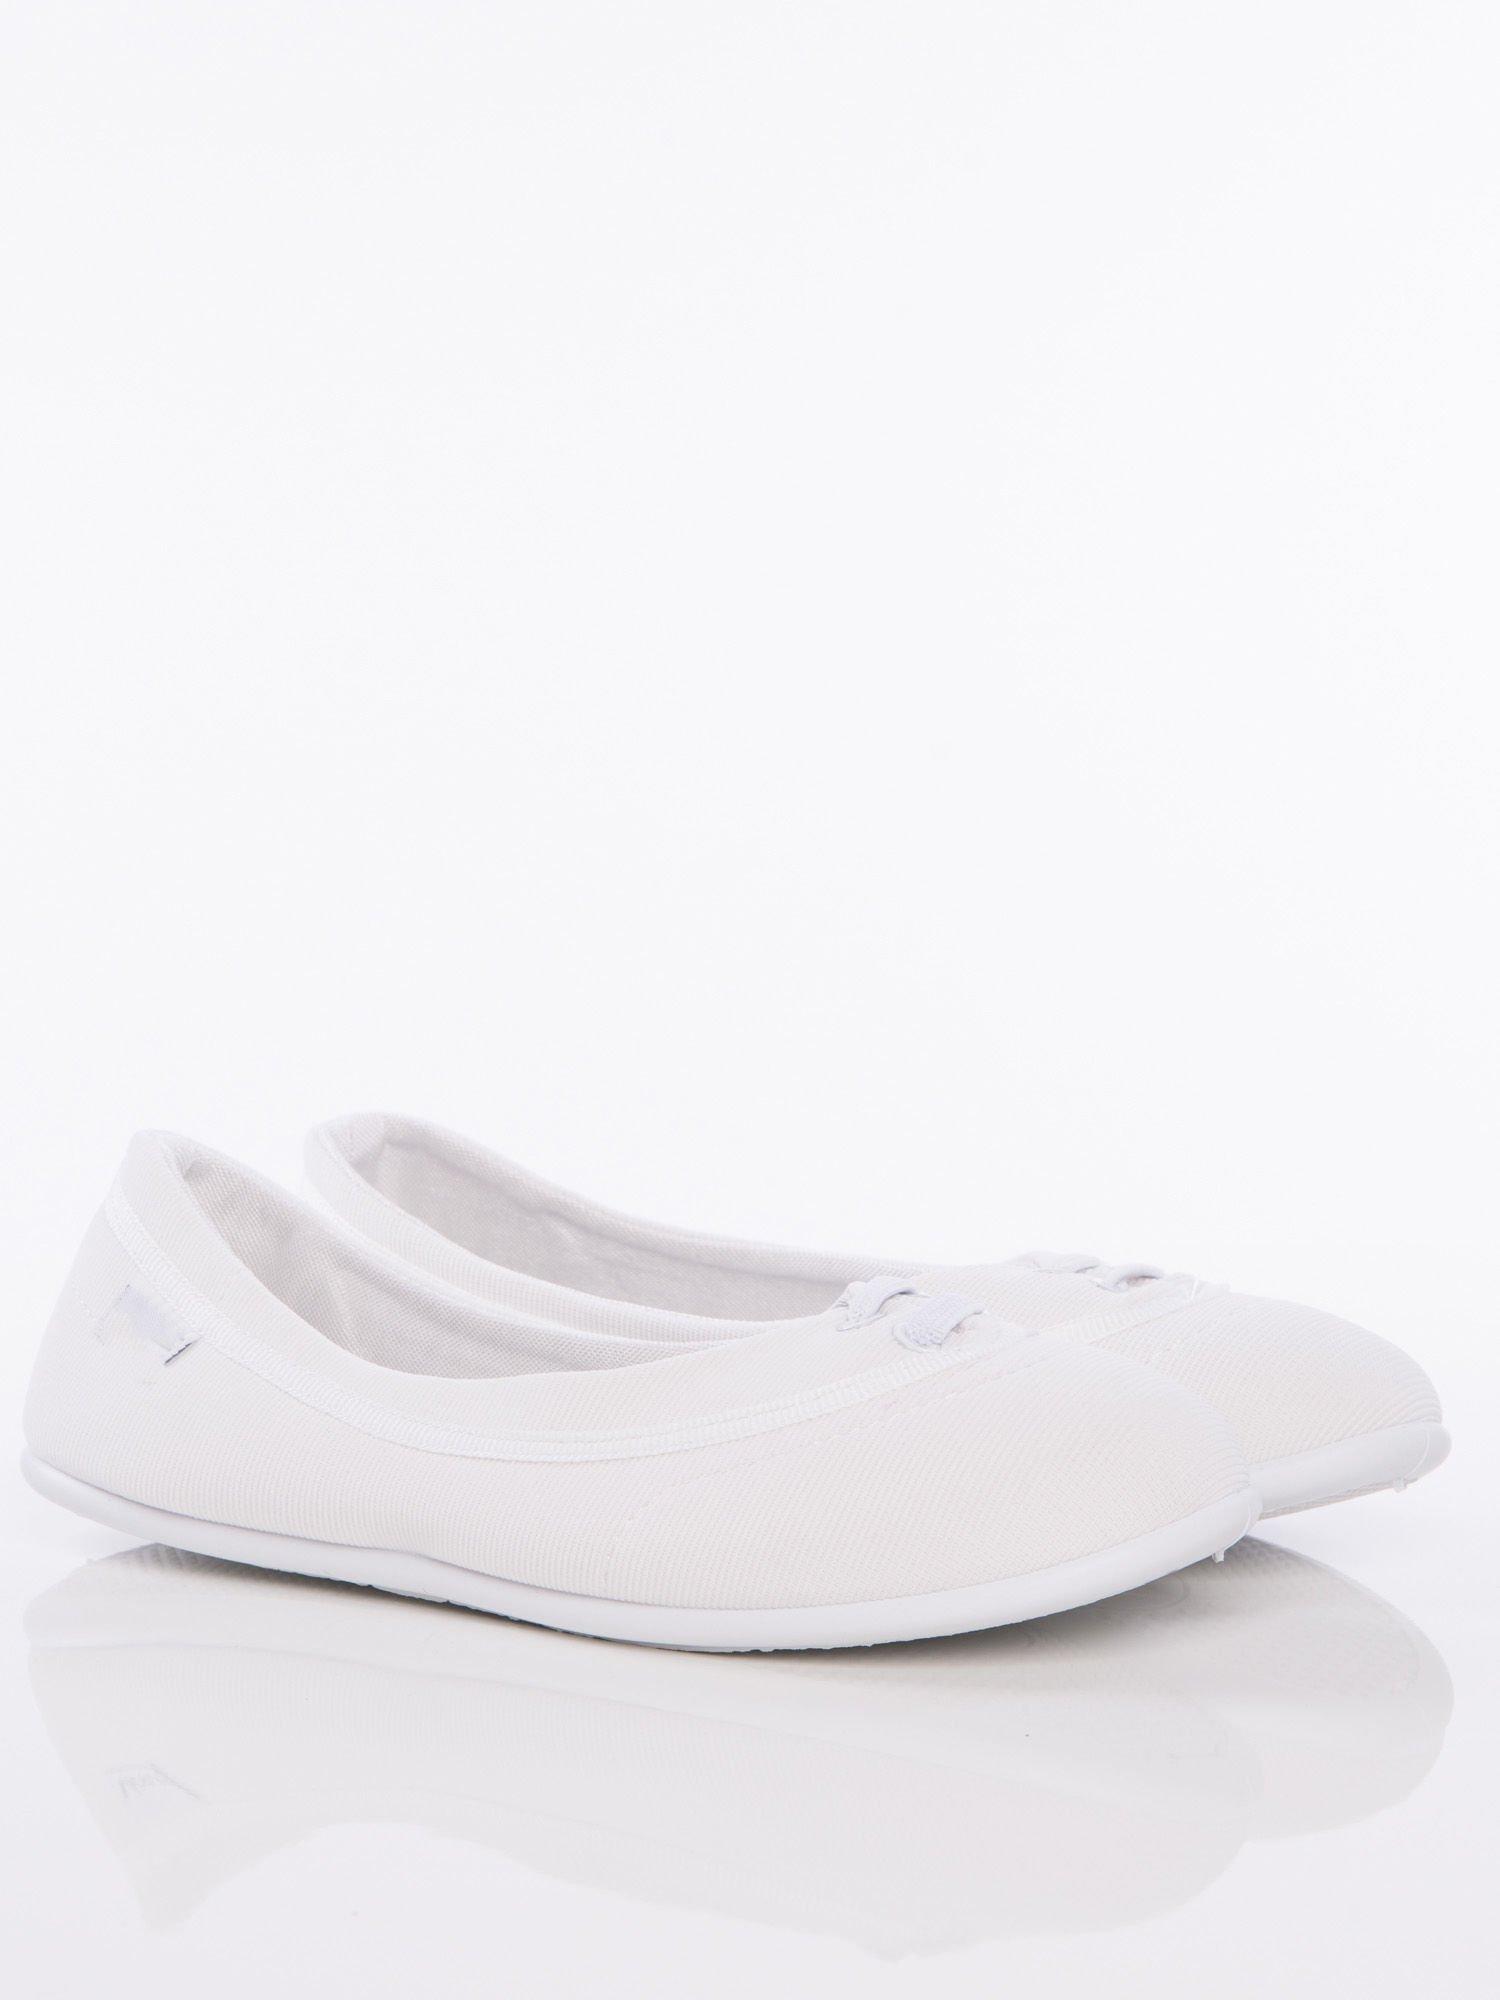 Białe materiałowe baleriny Cushy Court ze sznurówkami i białą podeszwą                                  zdj.                                  1